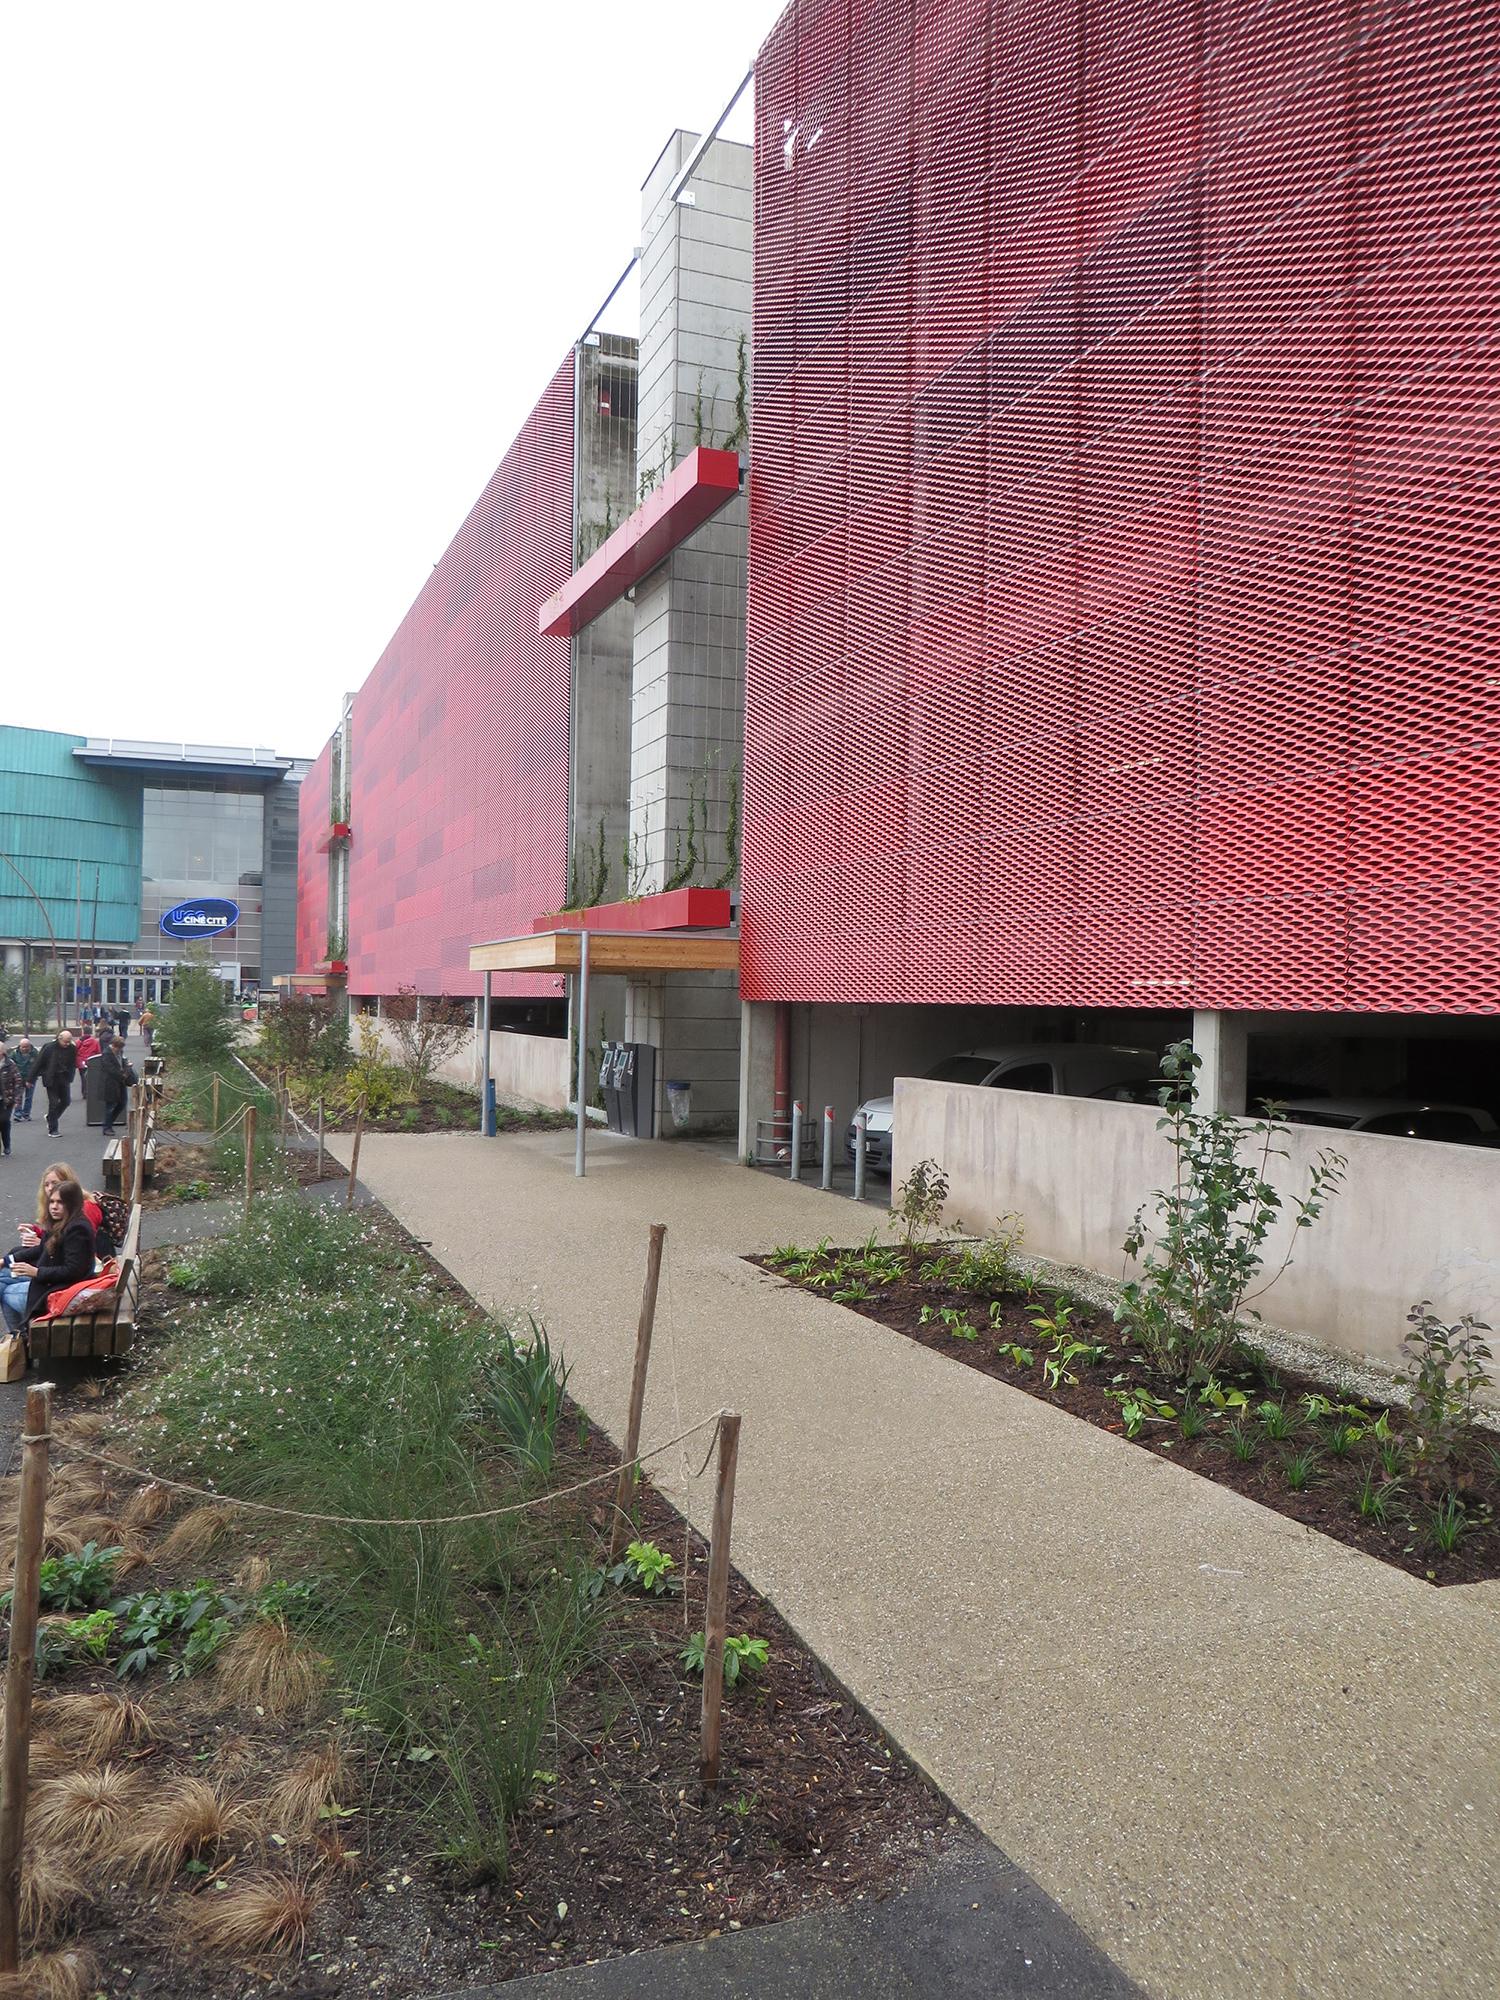 http://iups.eu/wp-content/uploads/2017/01/végétalisation-façade-parking-UGC-cité-ciné.jpg